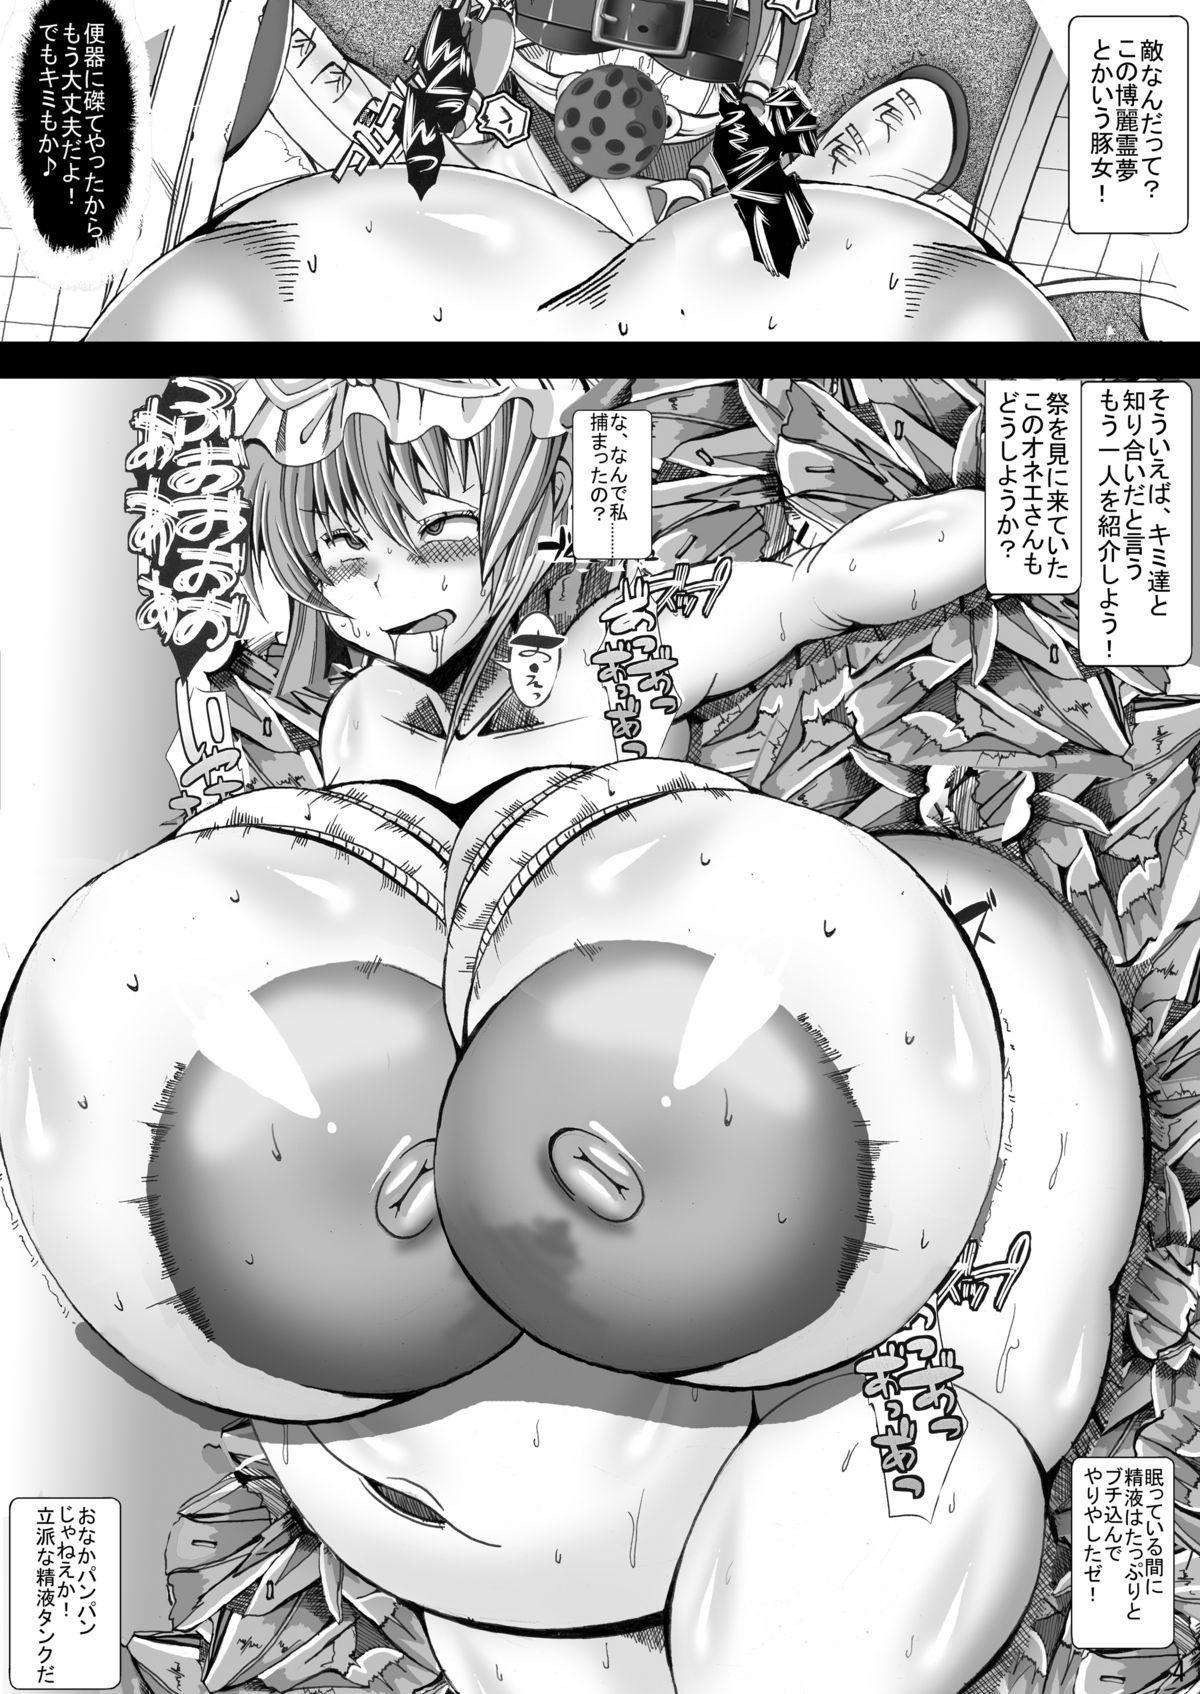 Touhou Chichi Nikusai Vol. 2 2